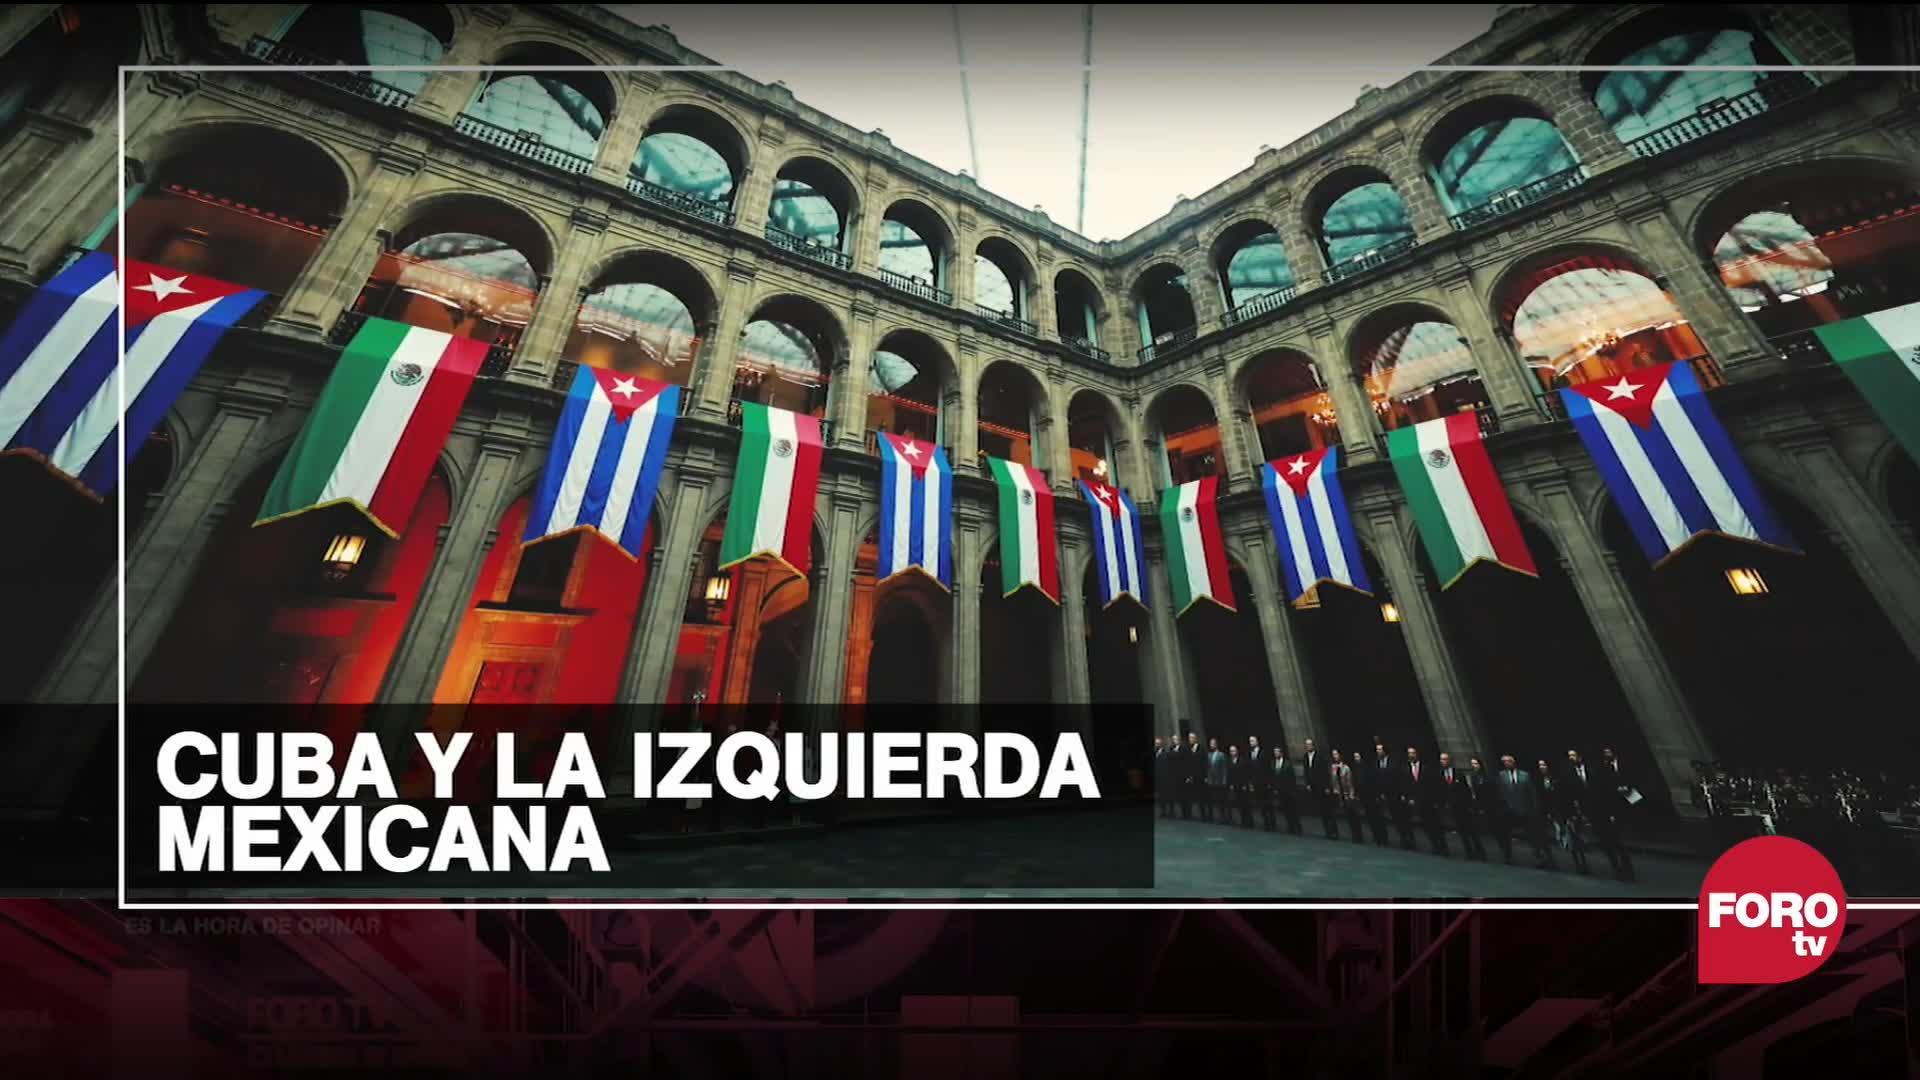 por que cuba sigue siendo un referente para la izquierda mexicana